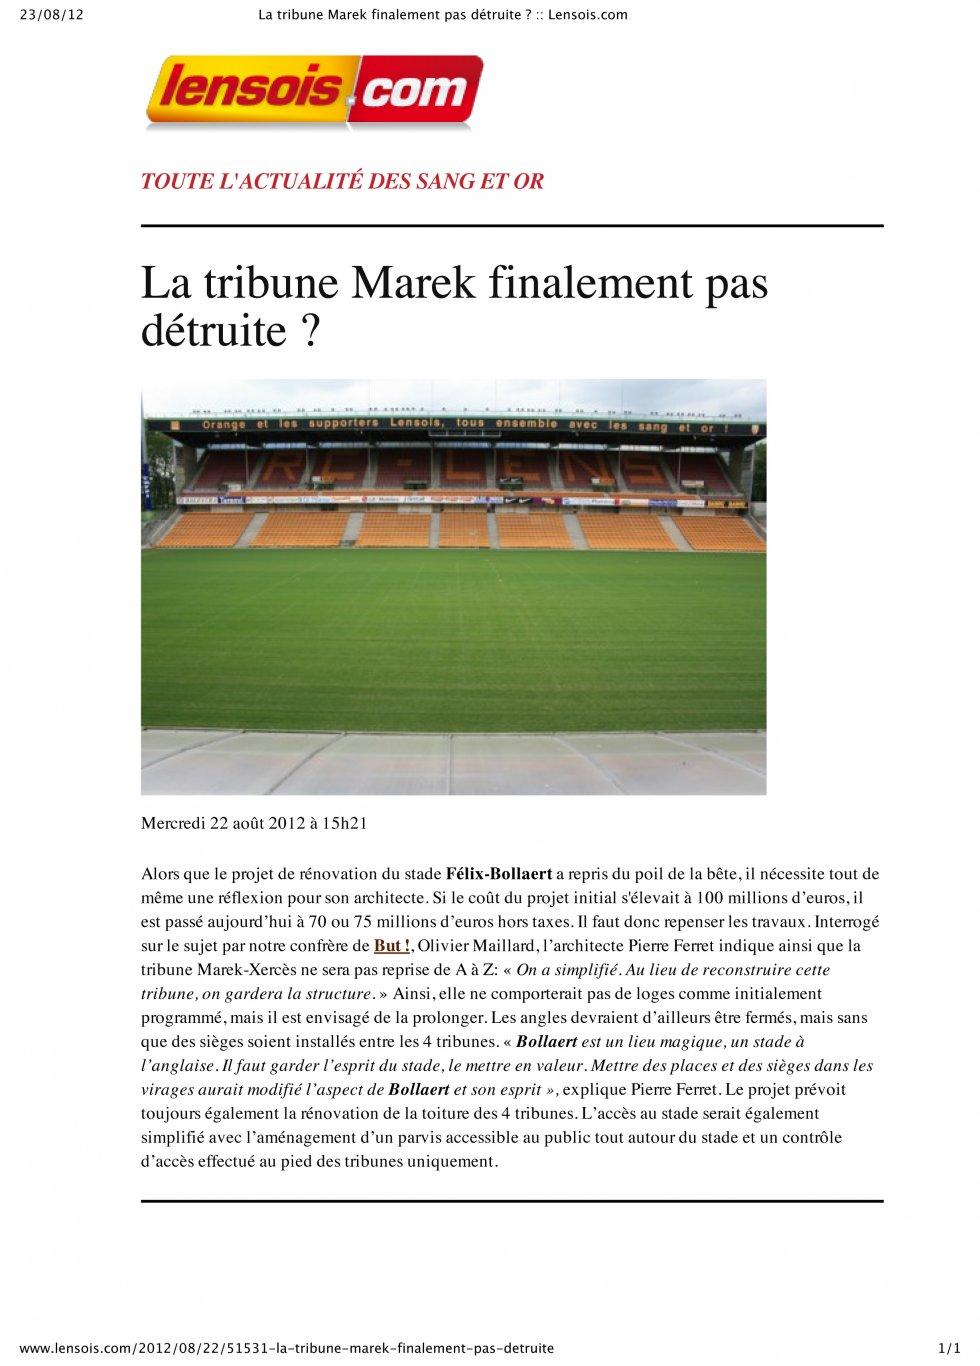 La tribune Marek, finalement pas détruite ?